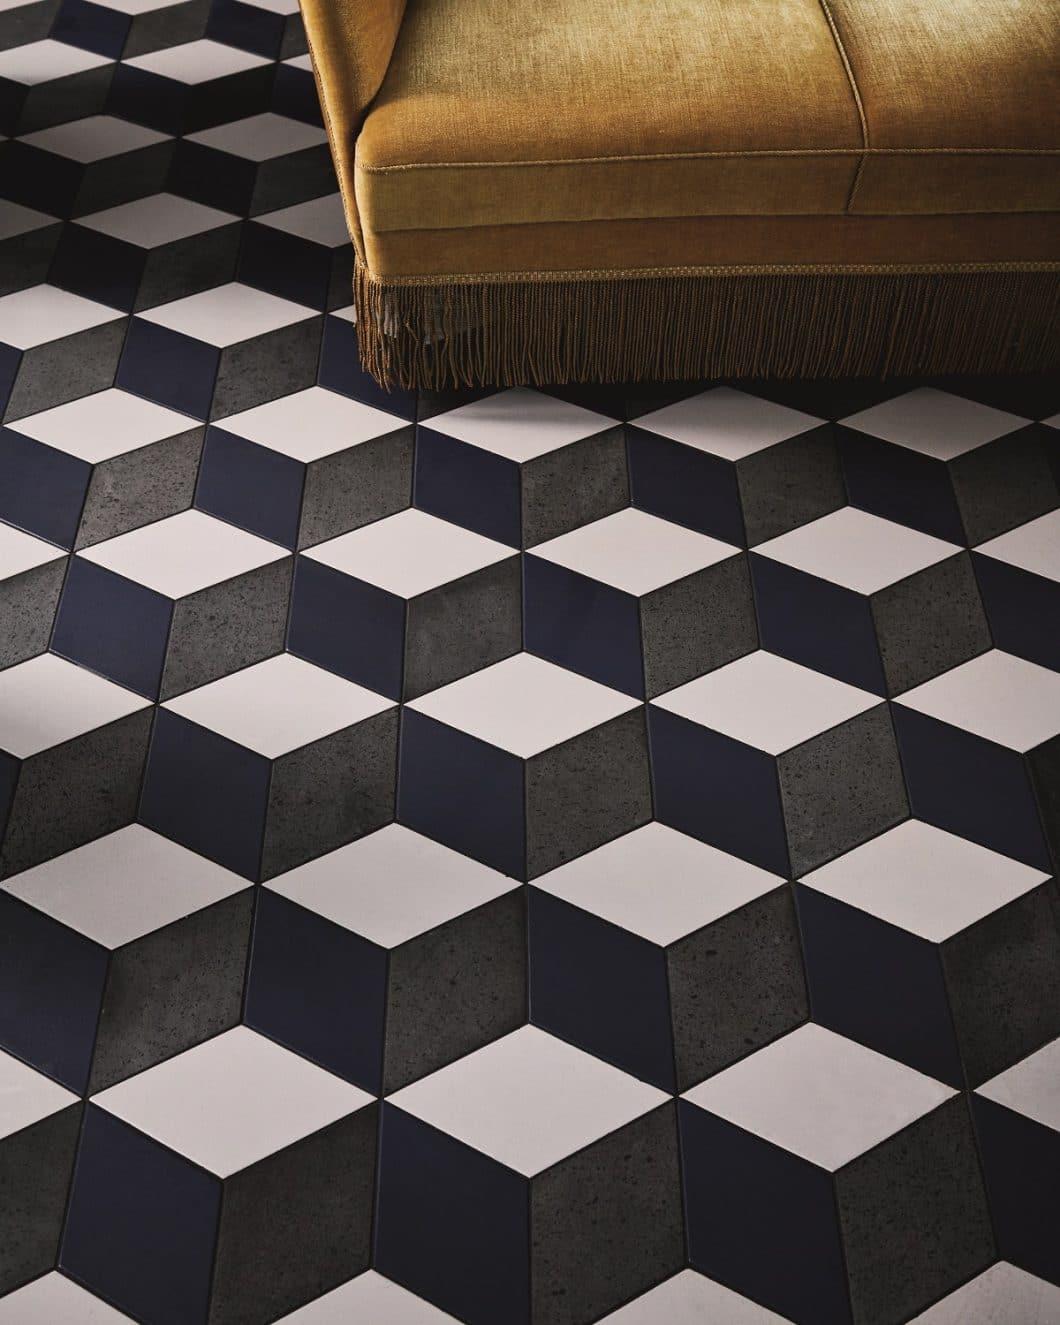 Ein farblich zurückhaltend eingerichteter (Küchen-)Raum kommt mit den richtigen Fliesen und Kacheln exzeptionell zur Geltung. Mut zum Muster! (Foto: File Under Pop)